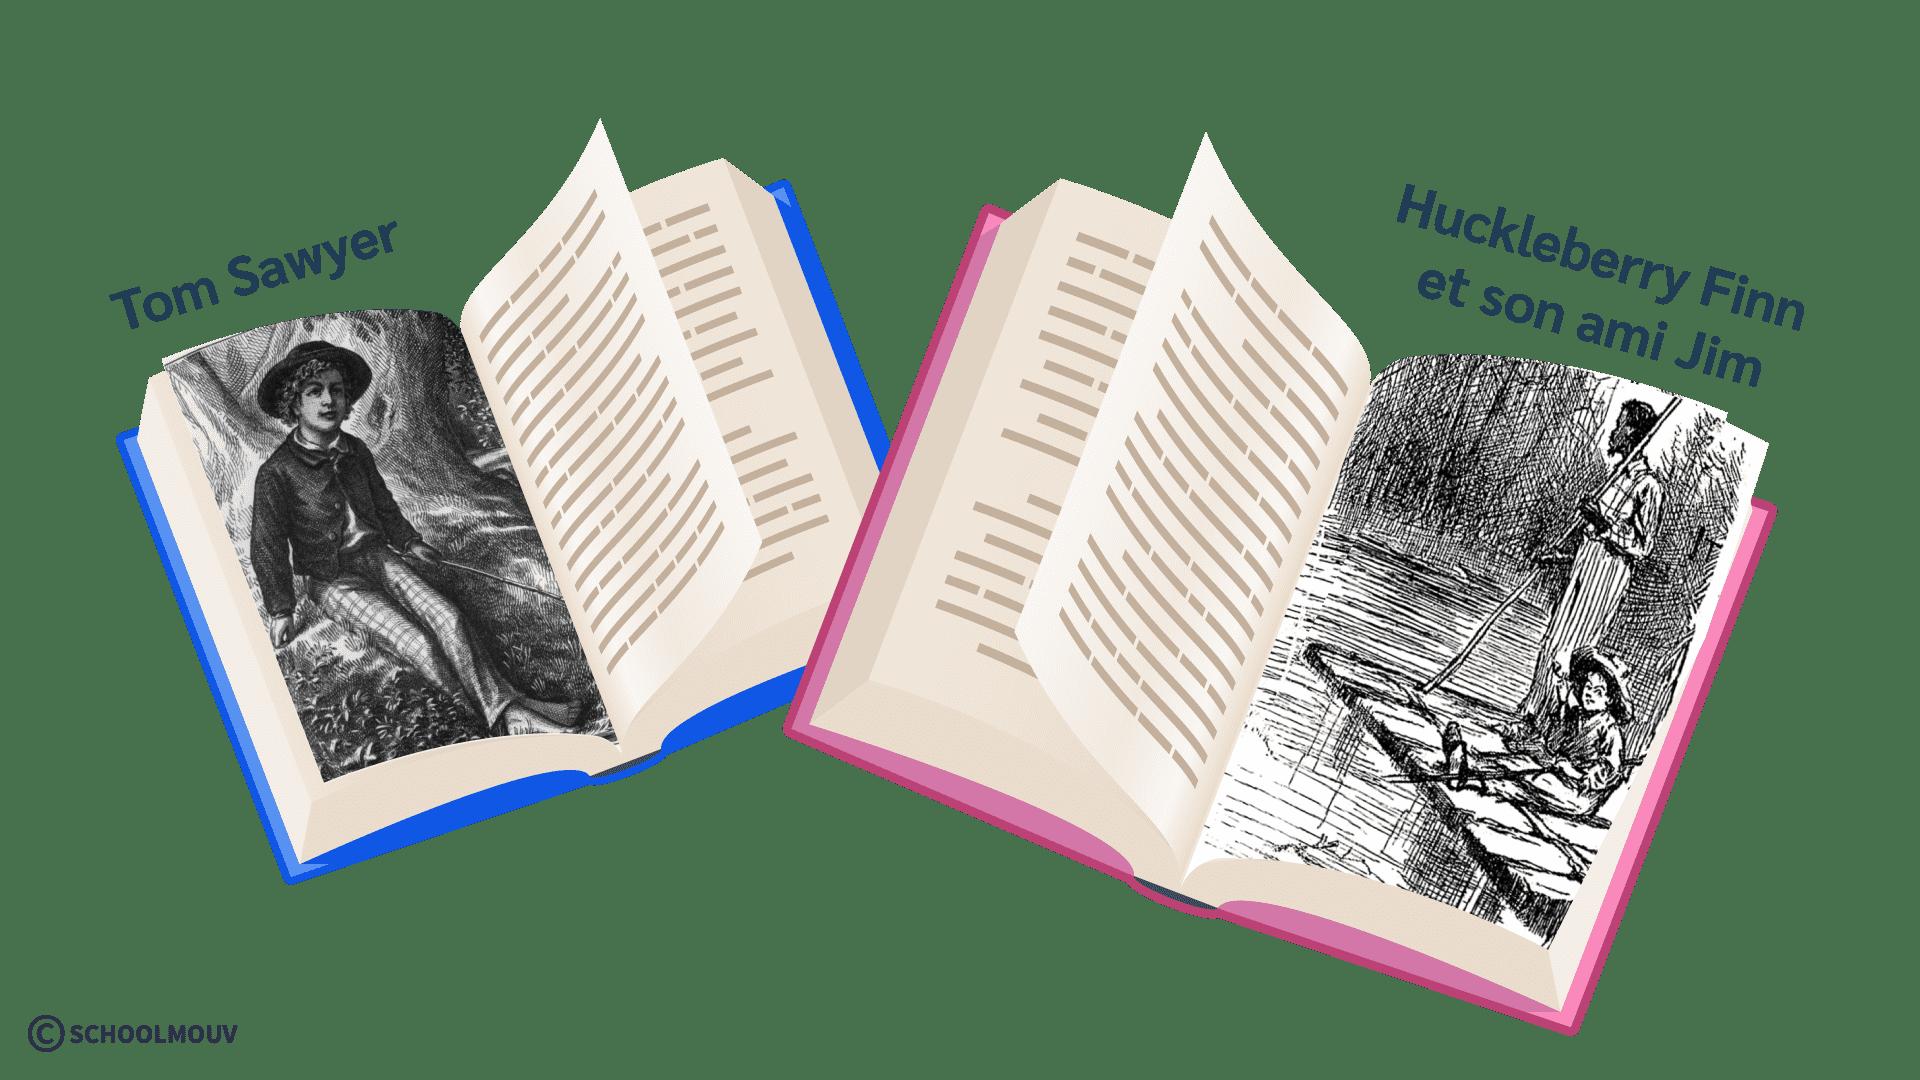 Tom Sawyer Huckleberry Finn anglais